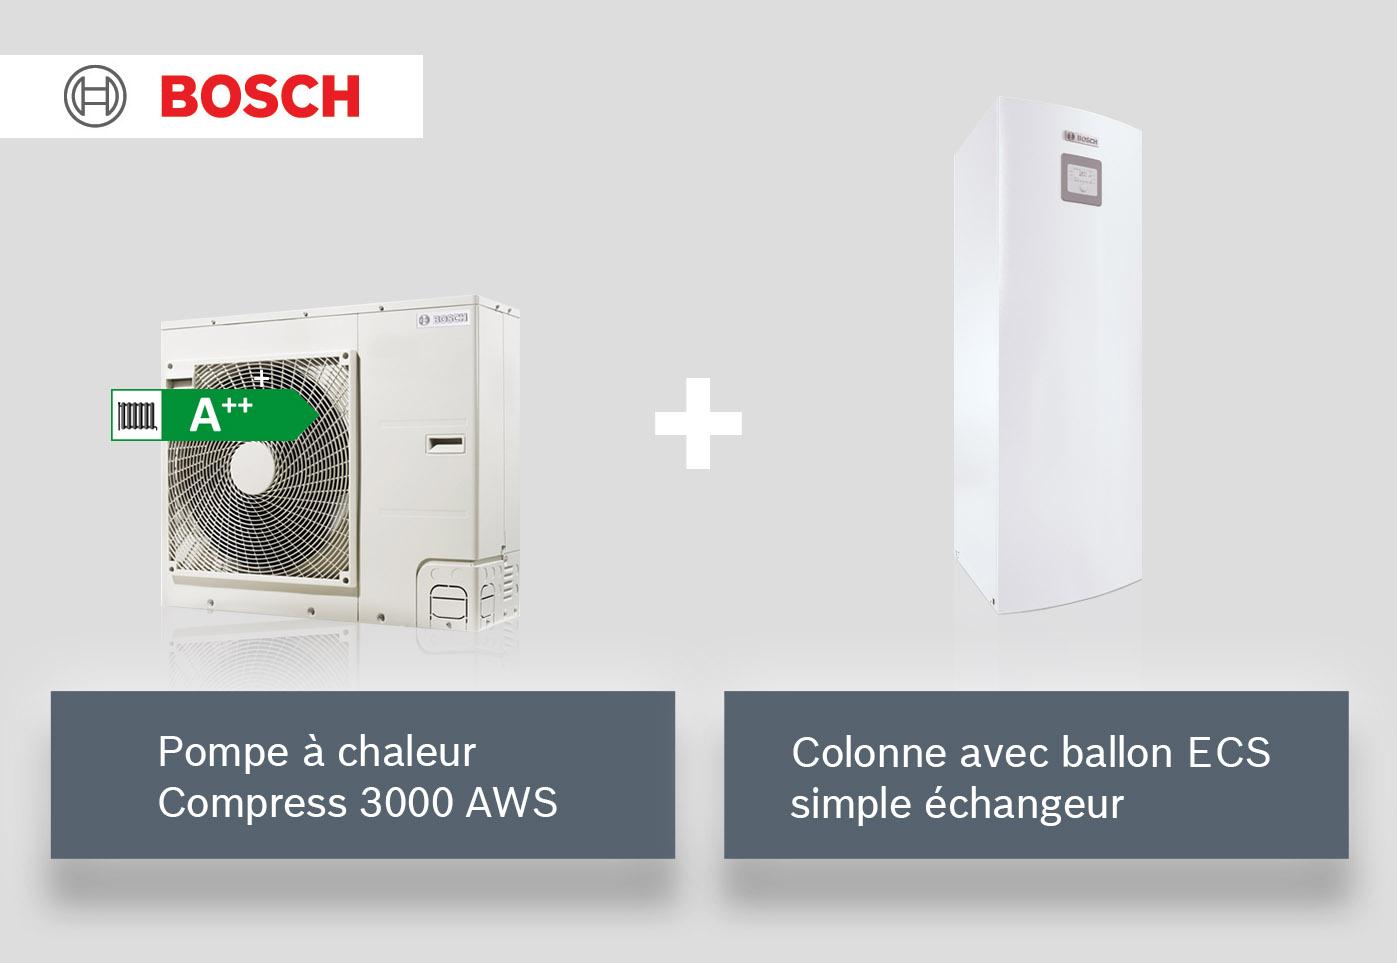 PAC + ballon ECS simple échangeur